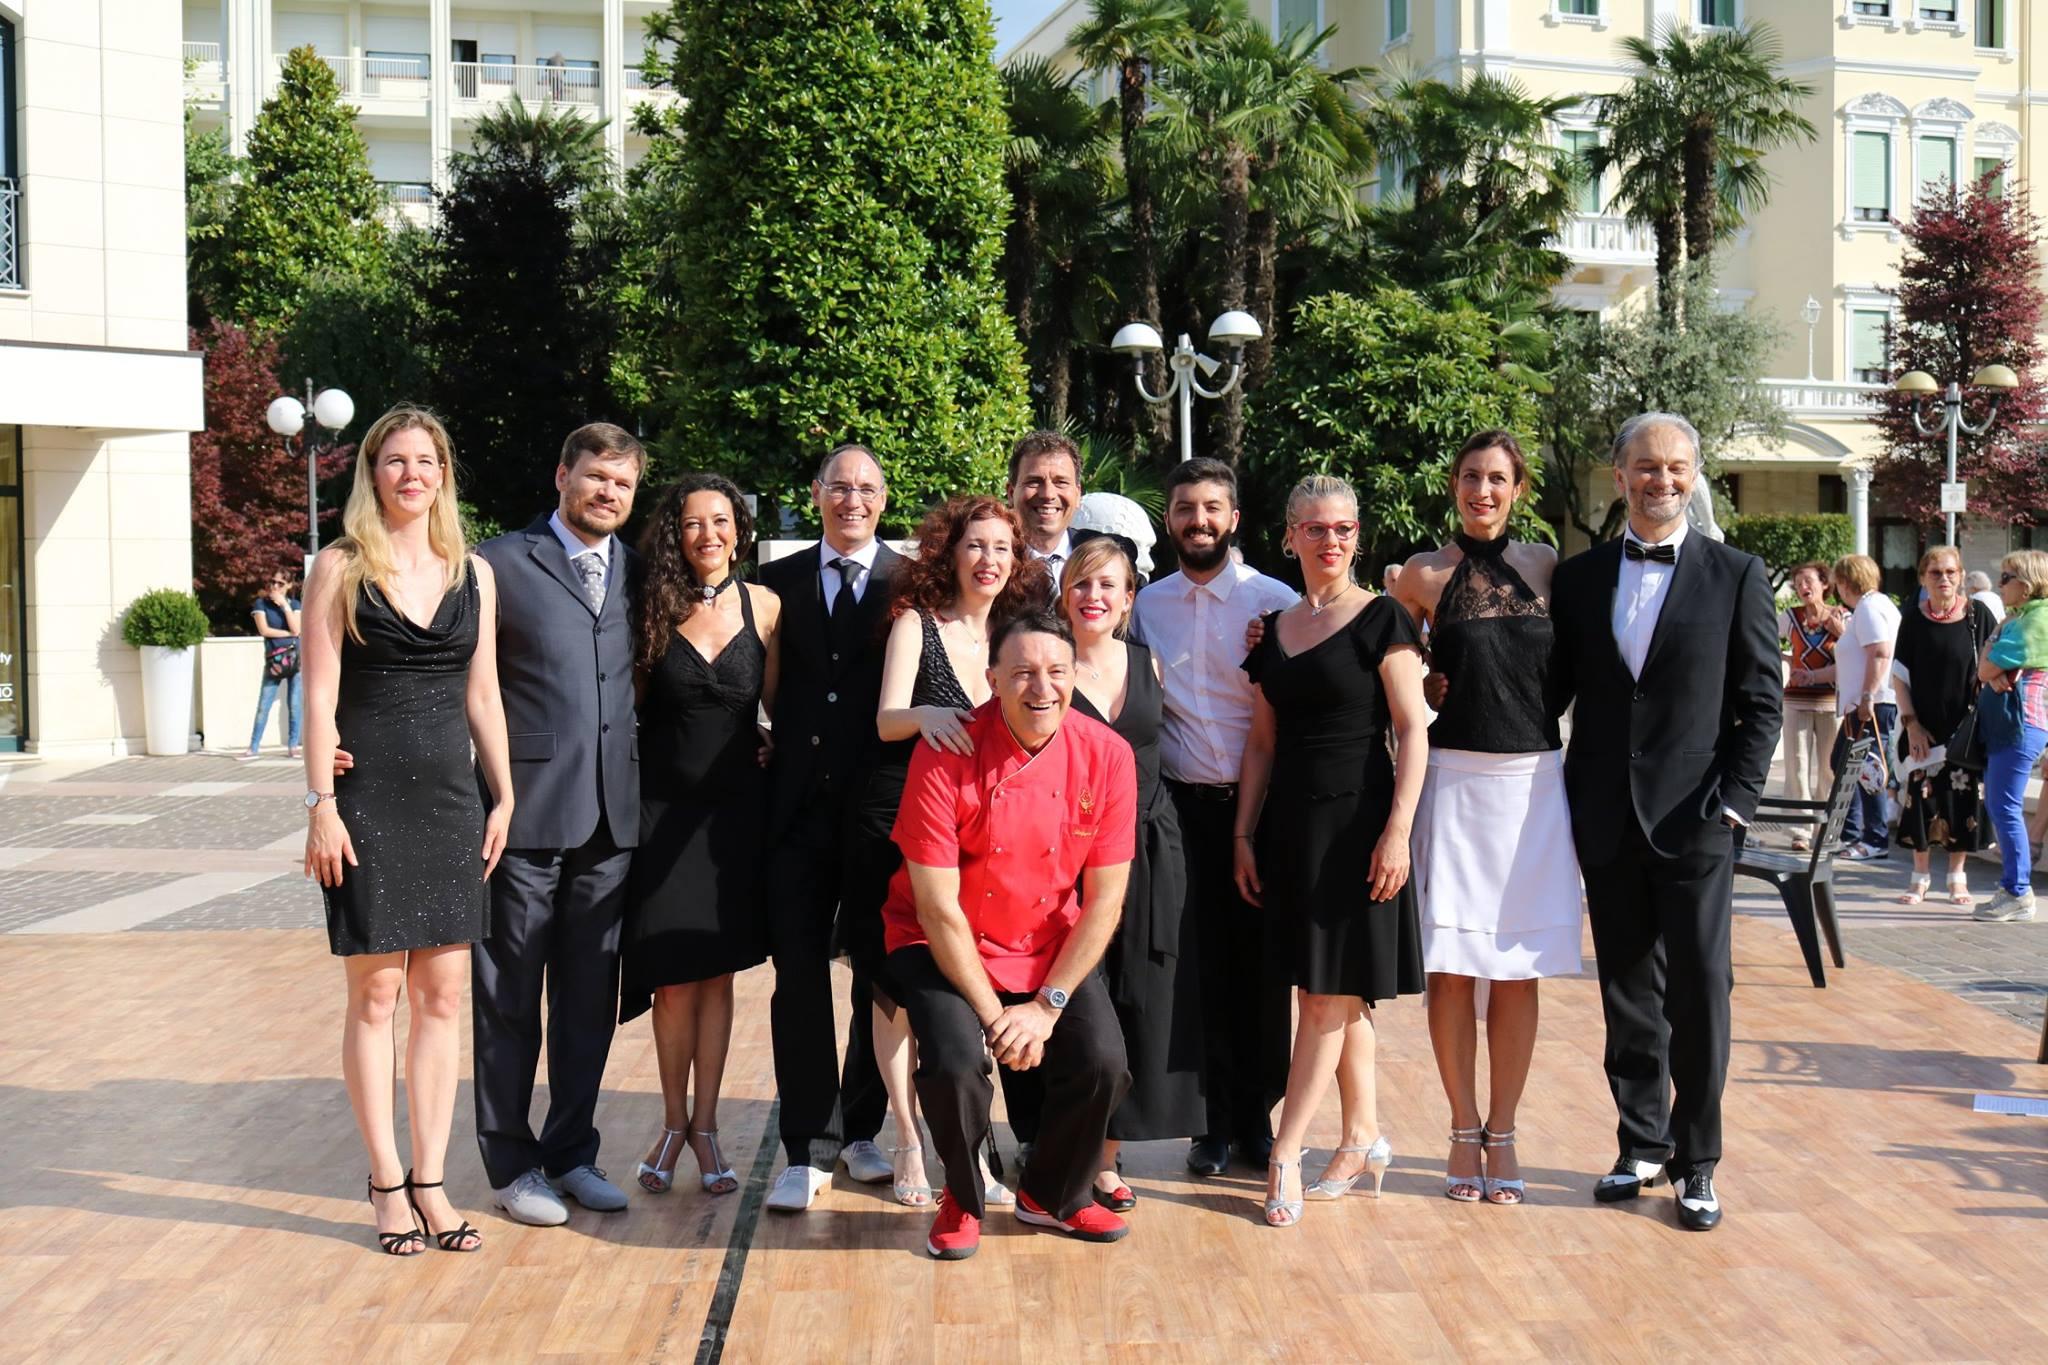 Terme Delice 2016 - Grand Hotel Orologio Abano Terme